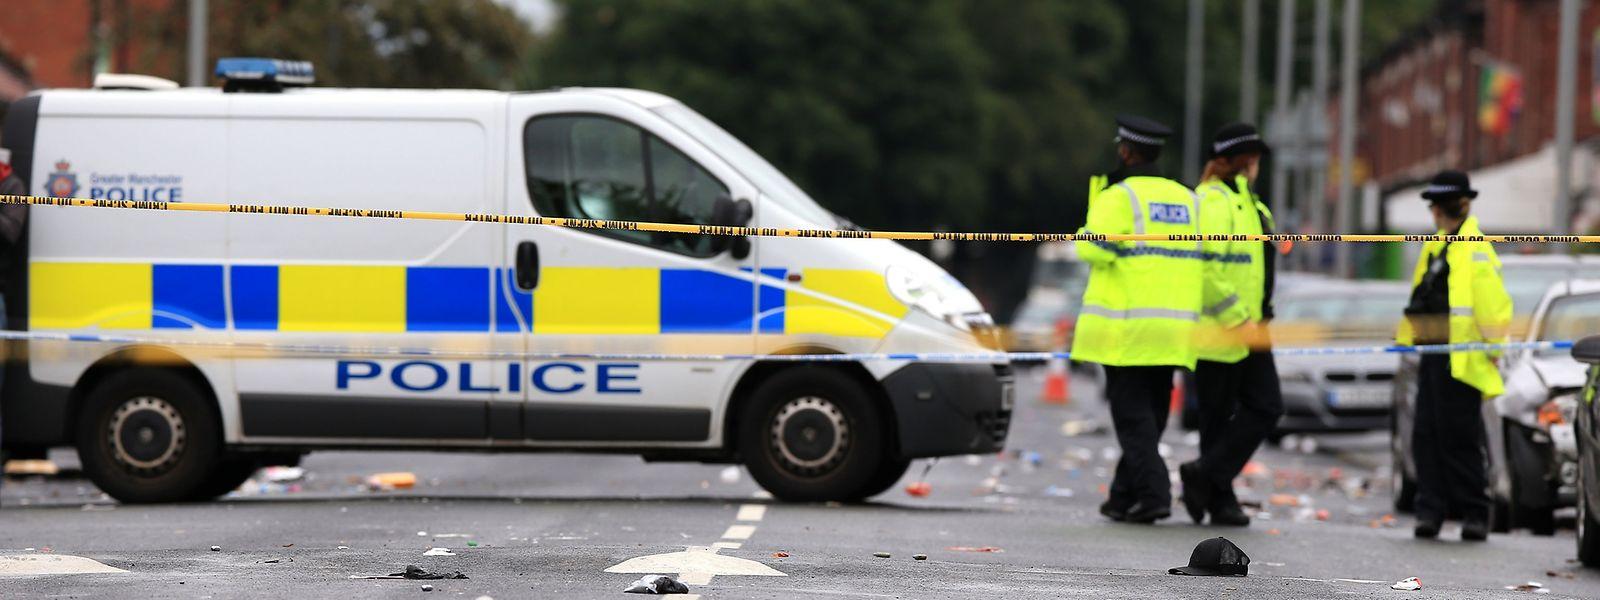 Mindestens zehn Menschen sind nach einem Straßenkarneval durch Schüsse verletzt worden.